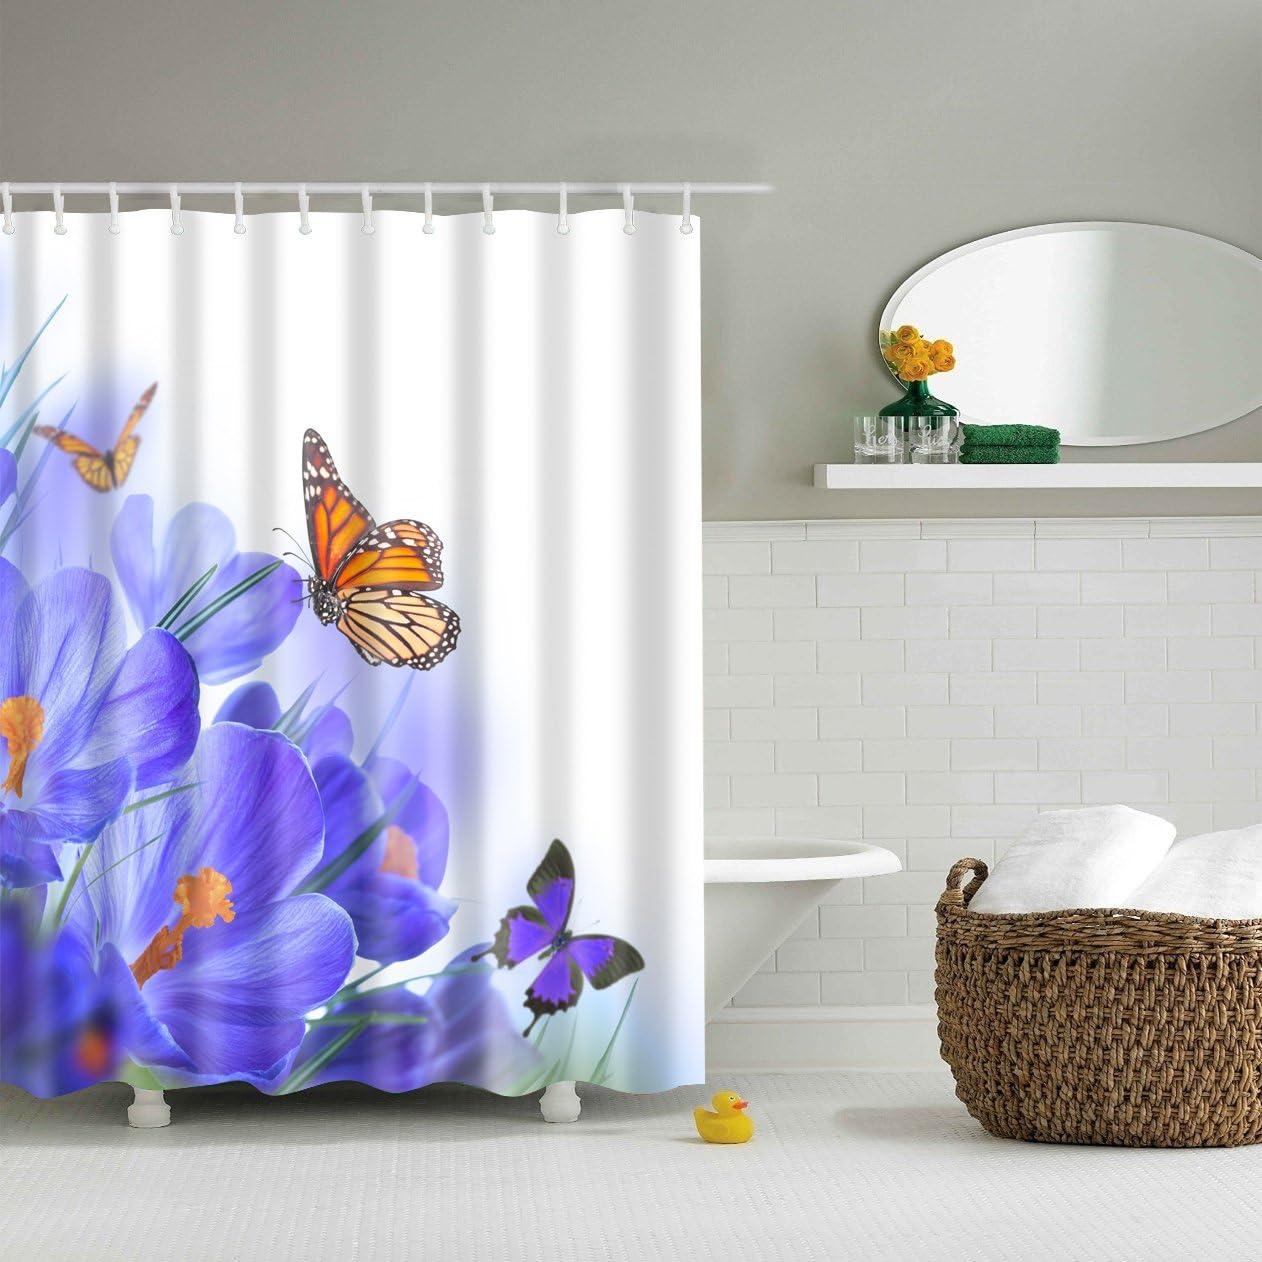 Chickwin Tende da Doccia 3D Digitale Stampato Farfalla 180x180cm,Rosa Poliestere Resistente Tessuto Lavabile Impermeabile Antimuffa Tenda della Vasca da Bagno con 12 Ganci